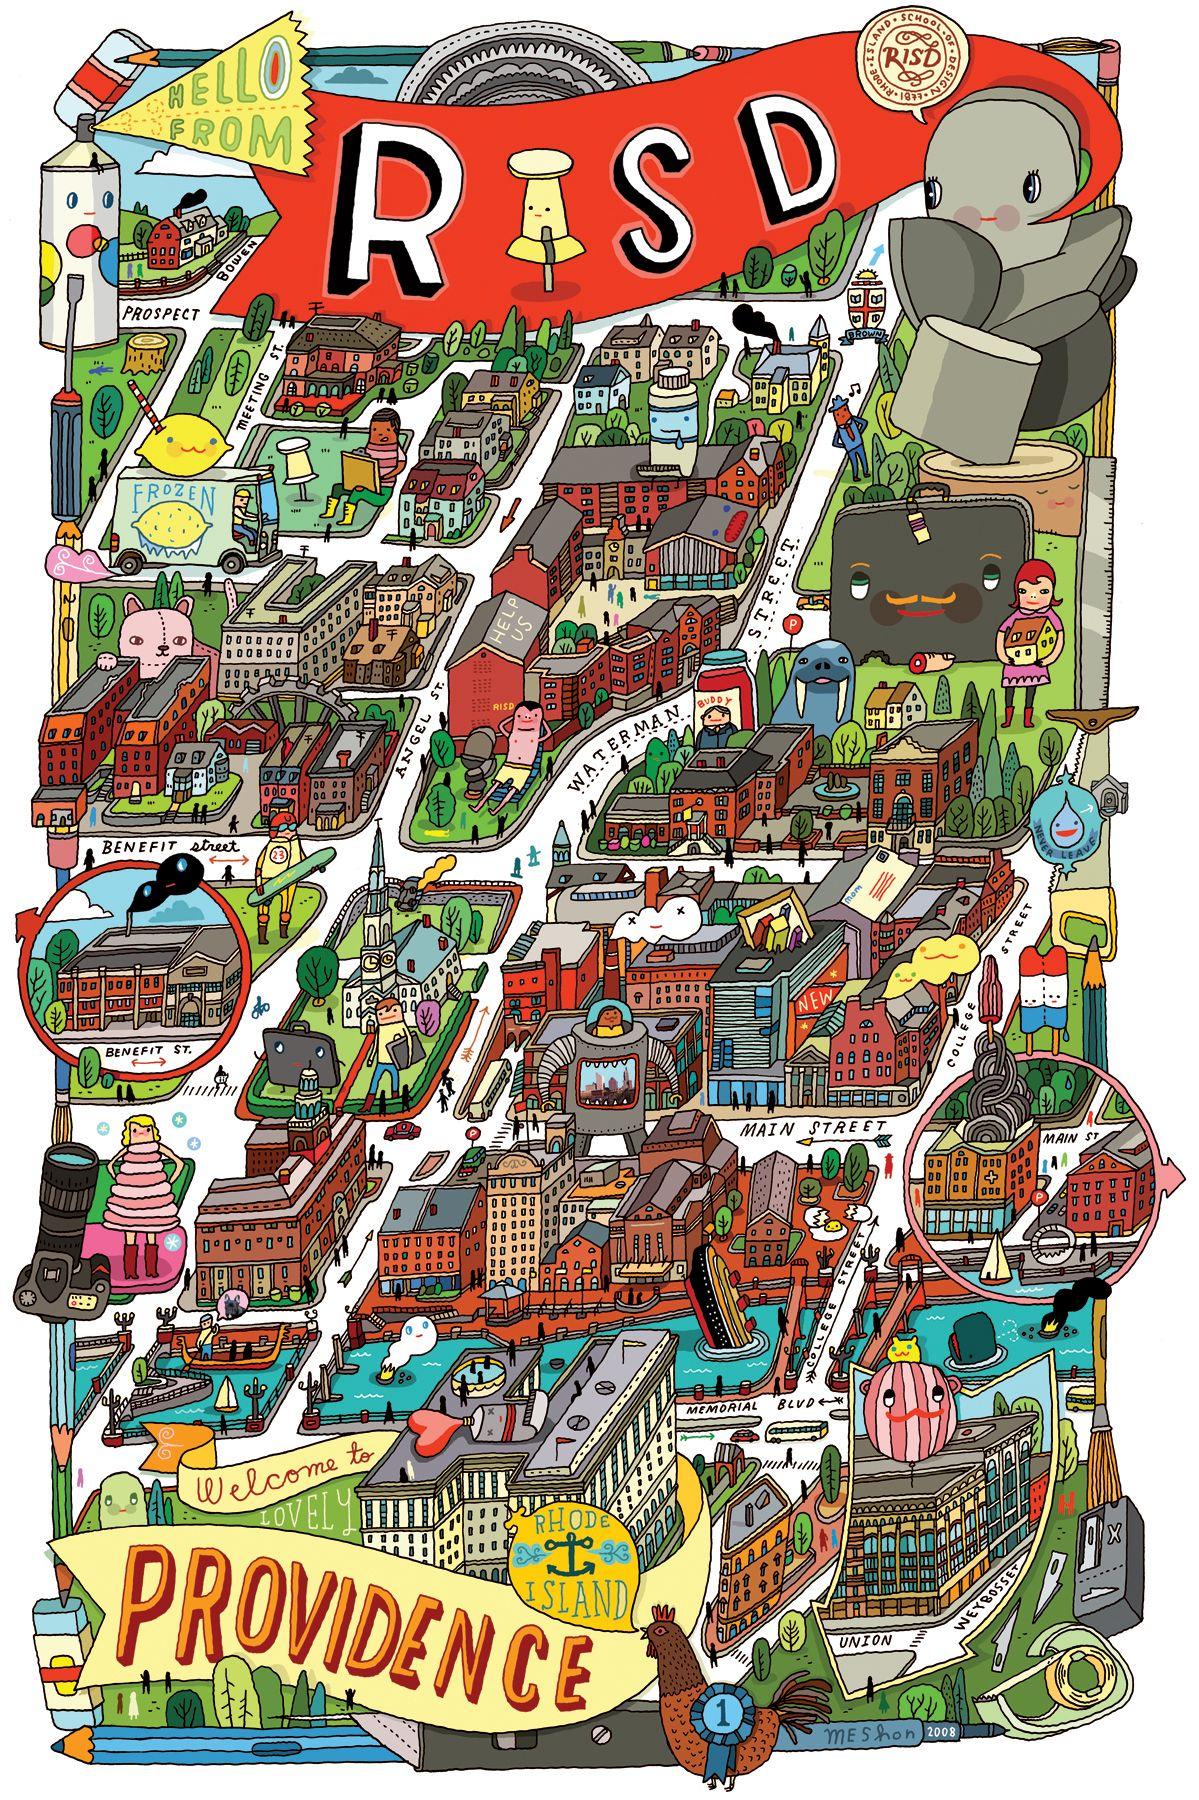 Aaron Meshon Risd Full Campus Map Aaron Meshon In 2019 Campus